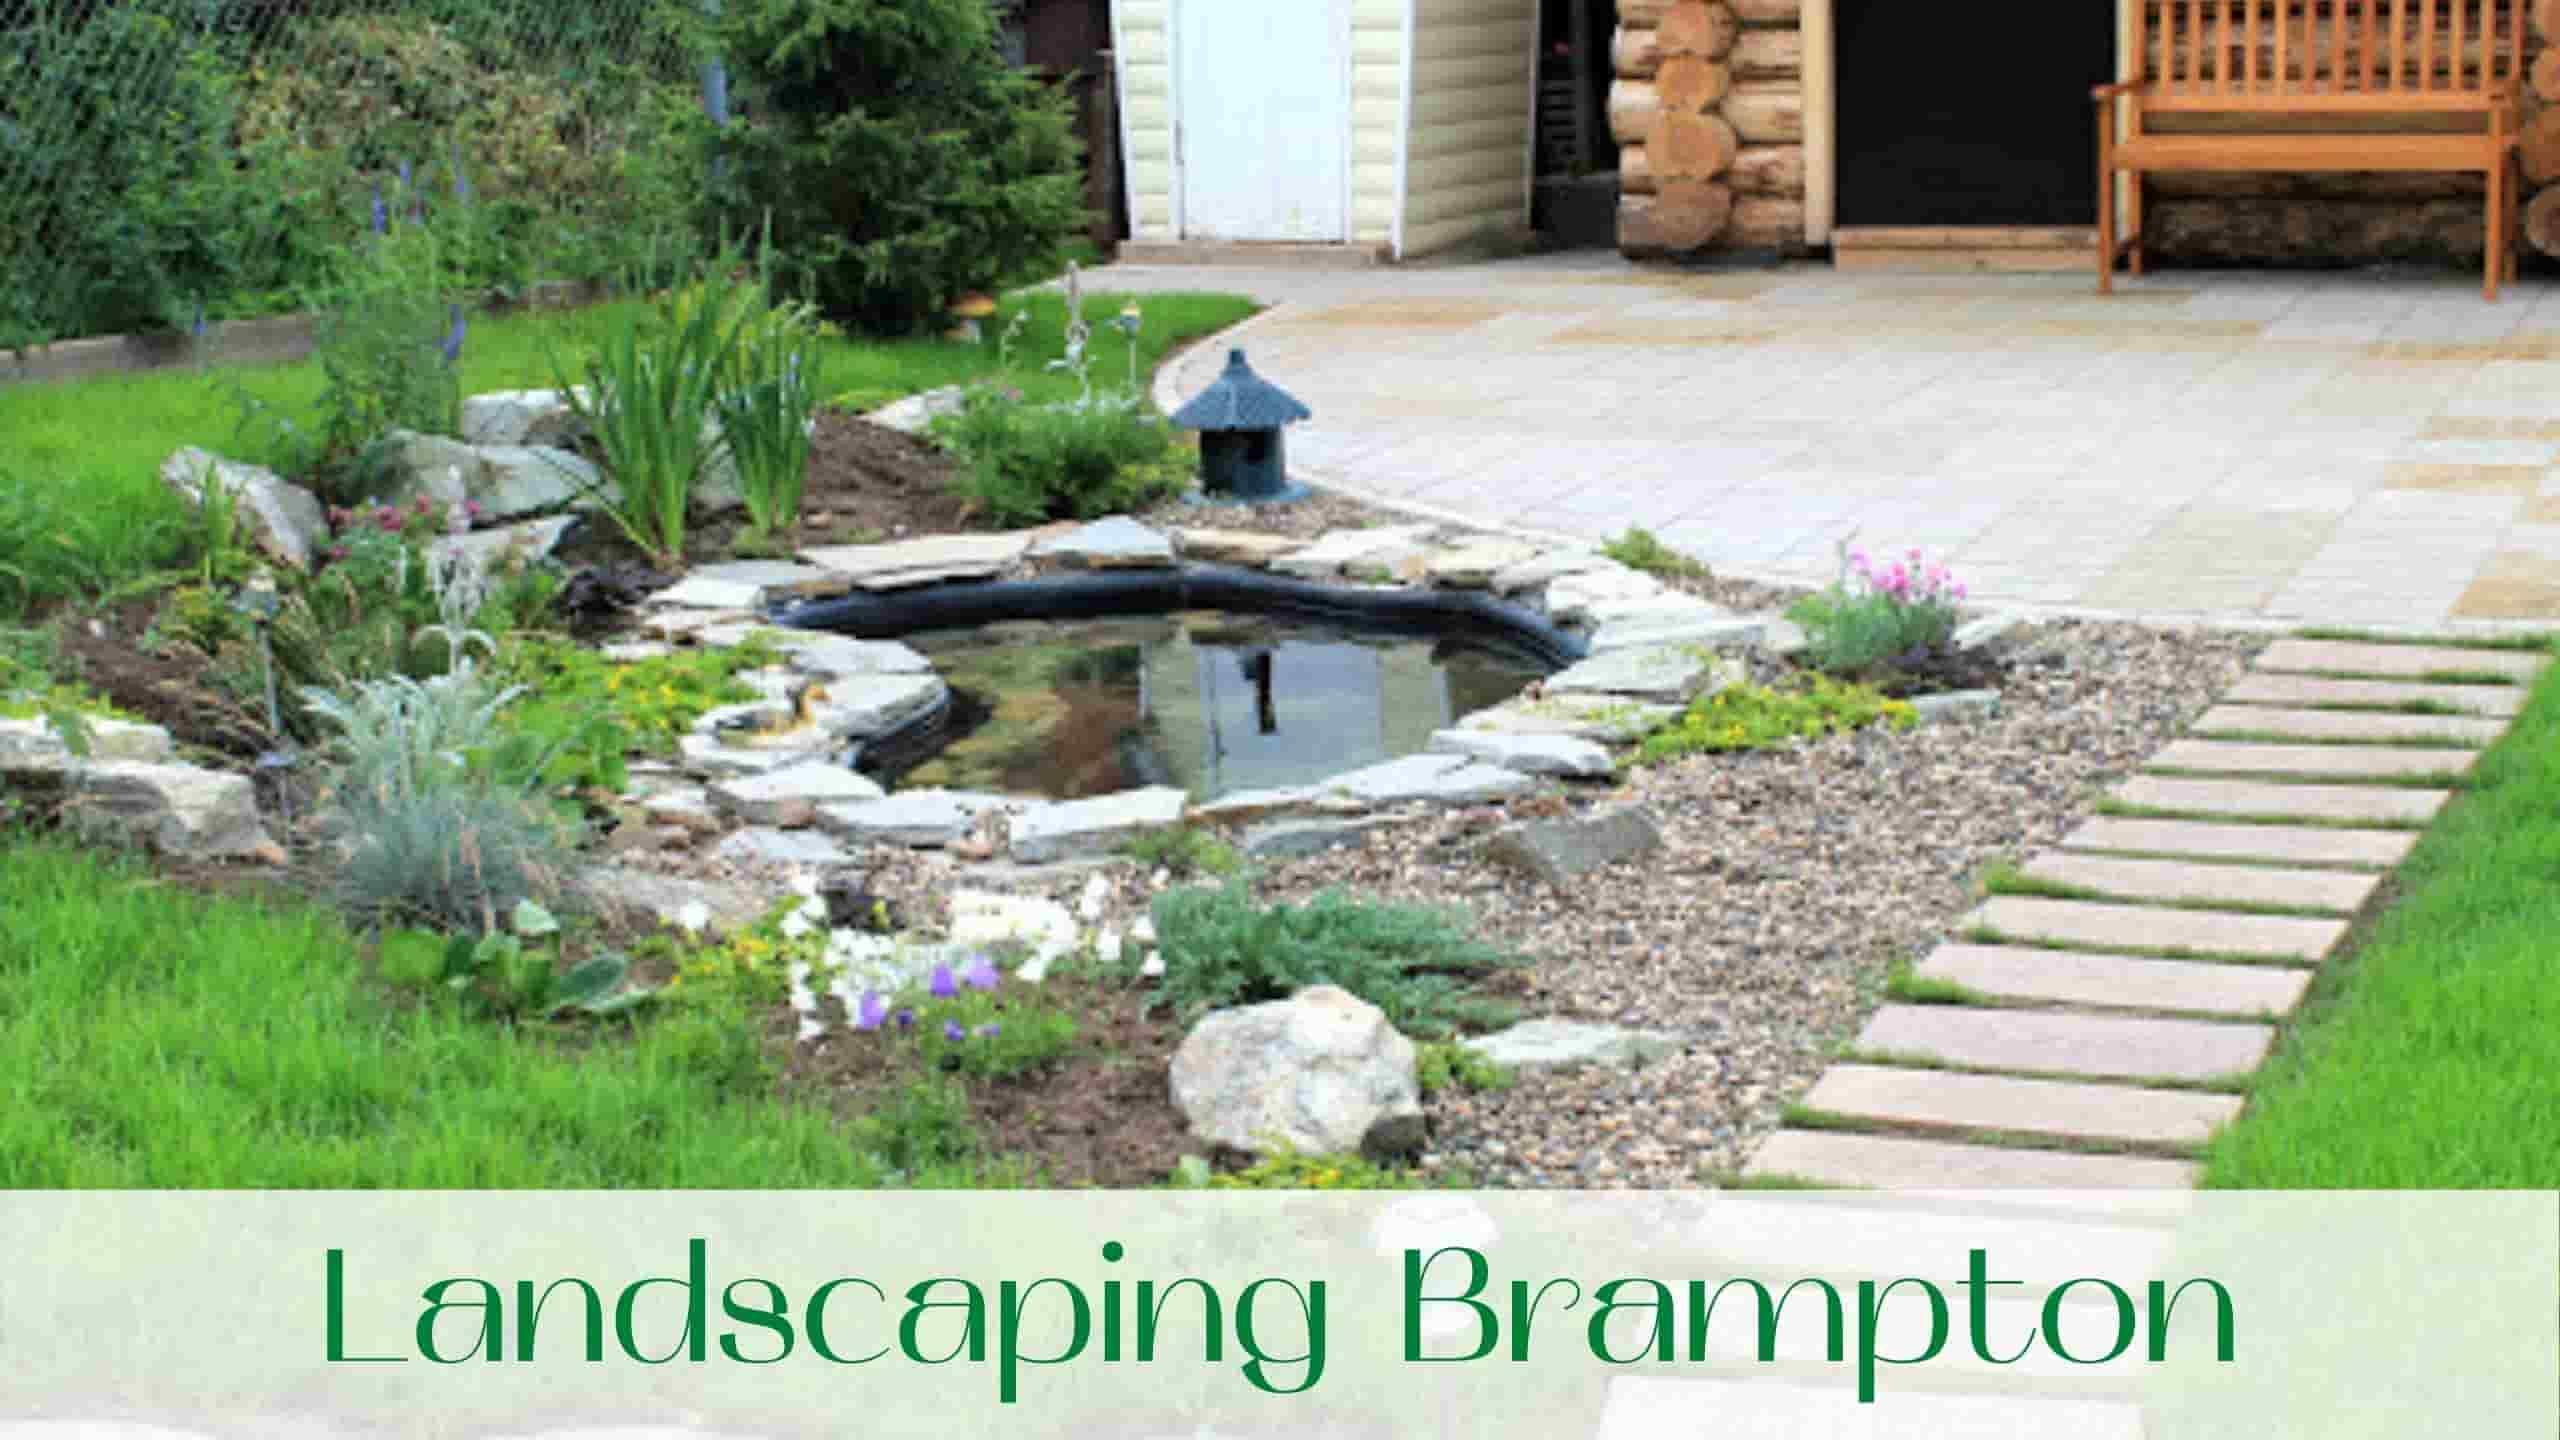 image-Landscaping-Brampton